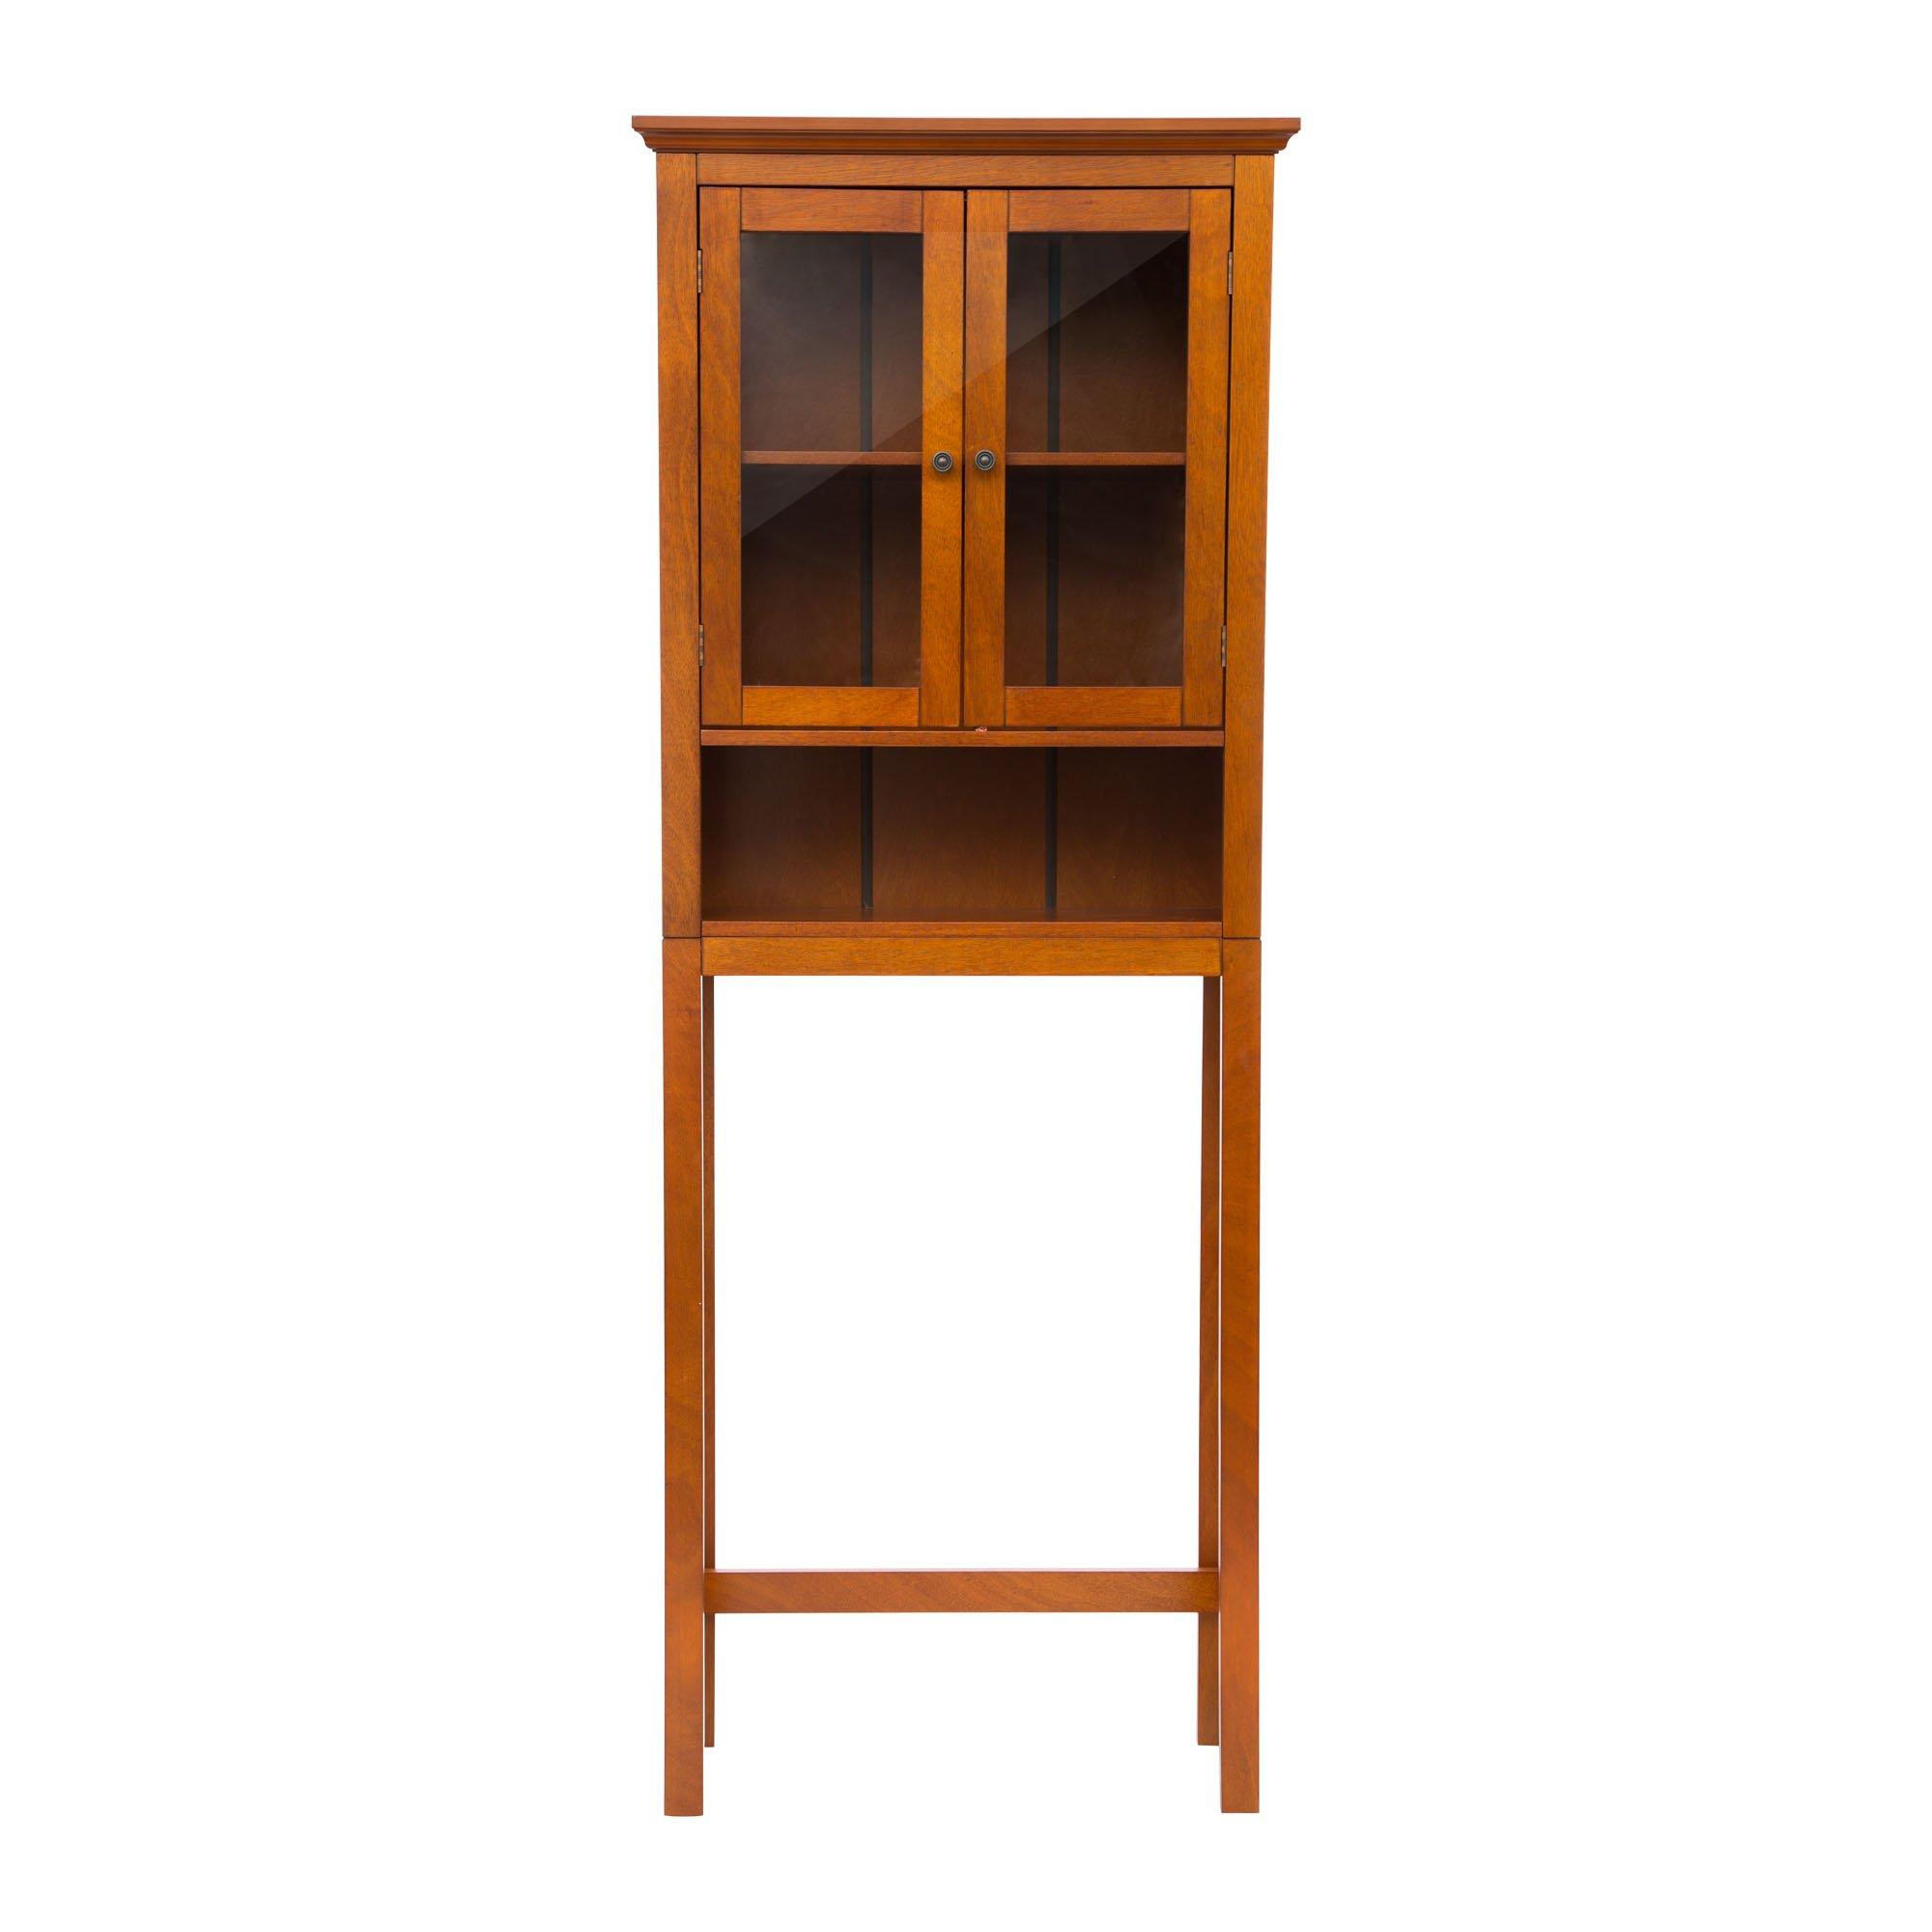 Glitzhome 68.25''H Wooden Bathroom Storage Cabinet Spacesaver